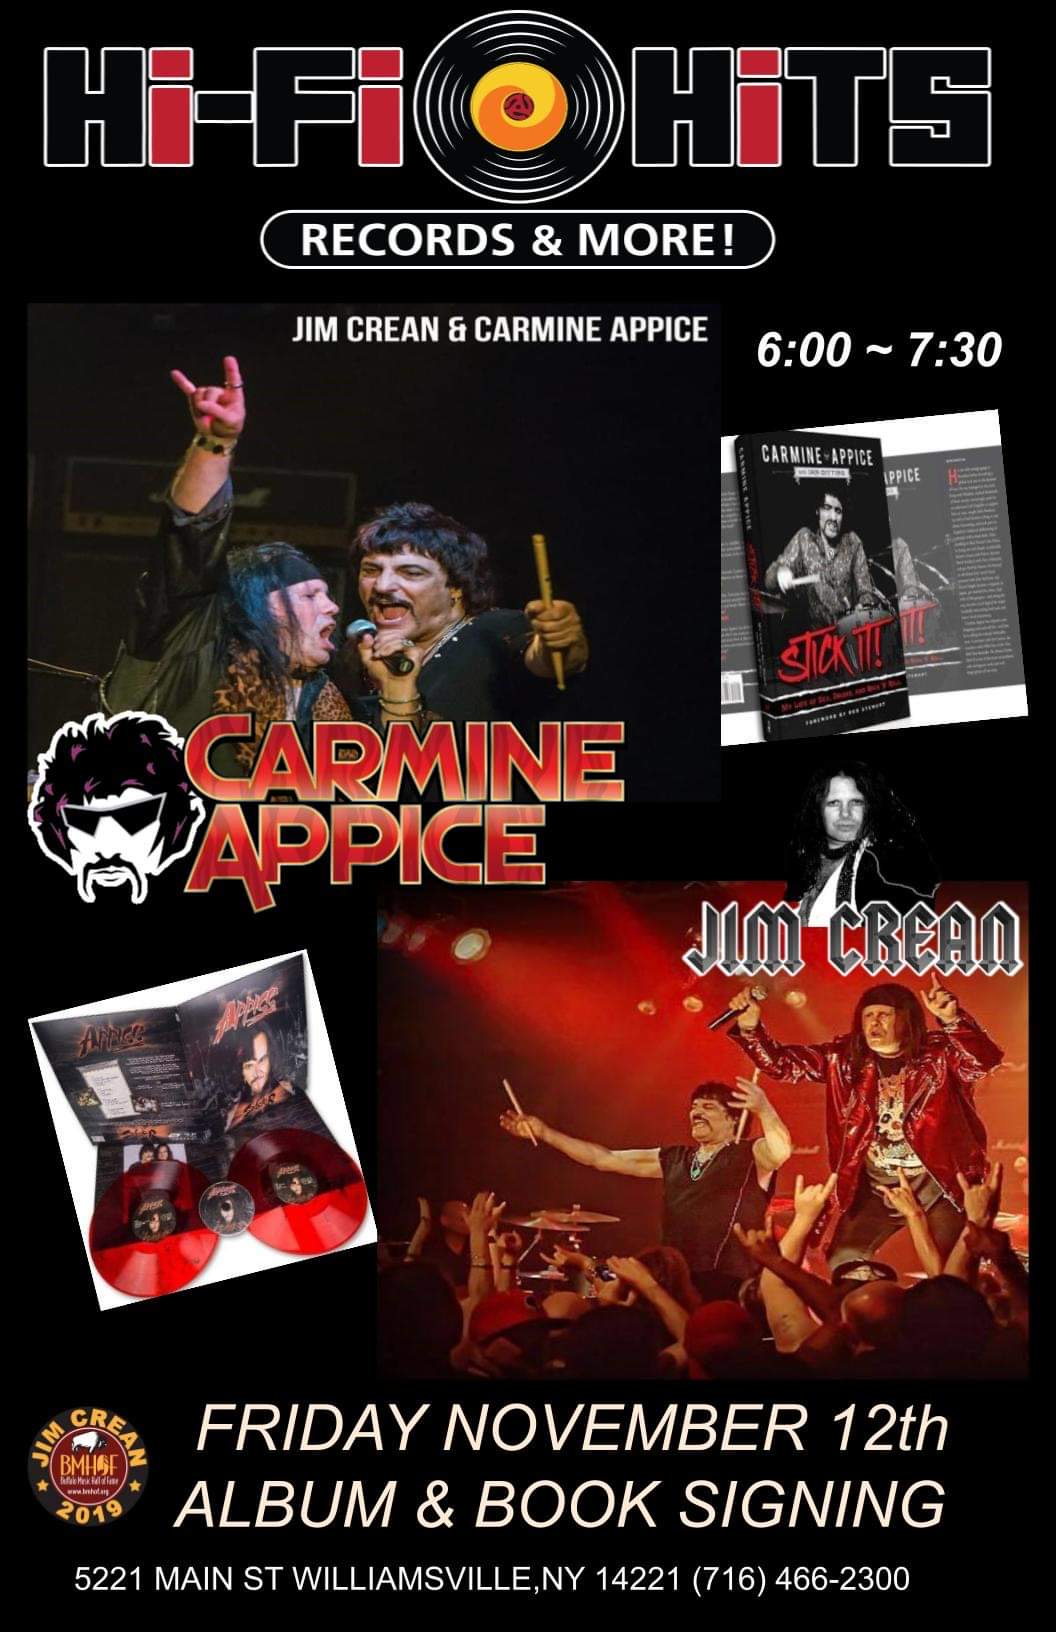 11/12/21 – Carmine Appice & Jim Crean Album & Book Signing